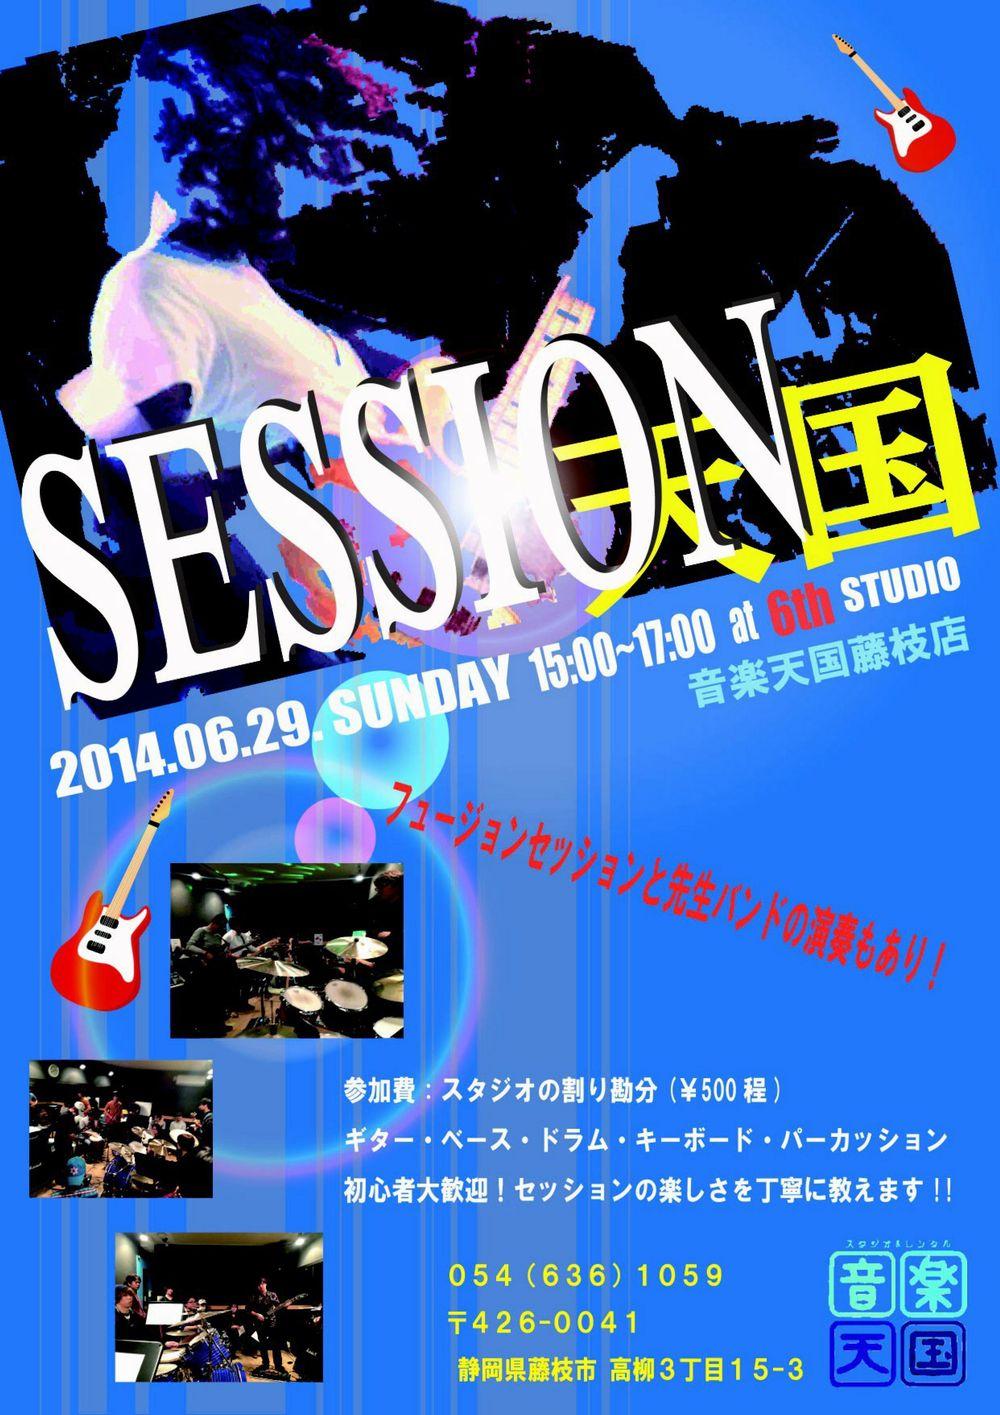 セッション天国@藤枝店6月29日(日)開催!